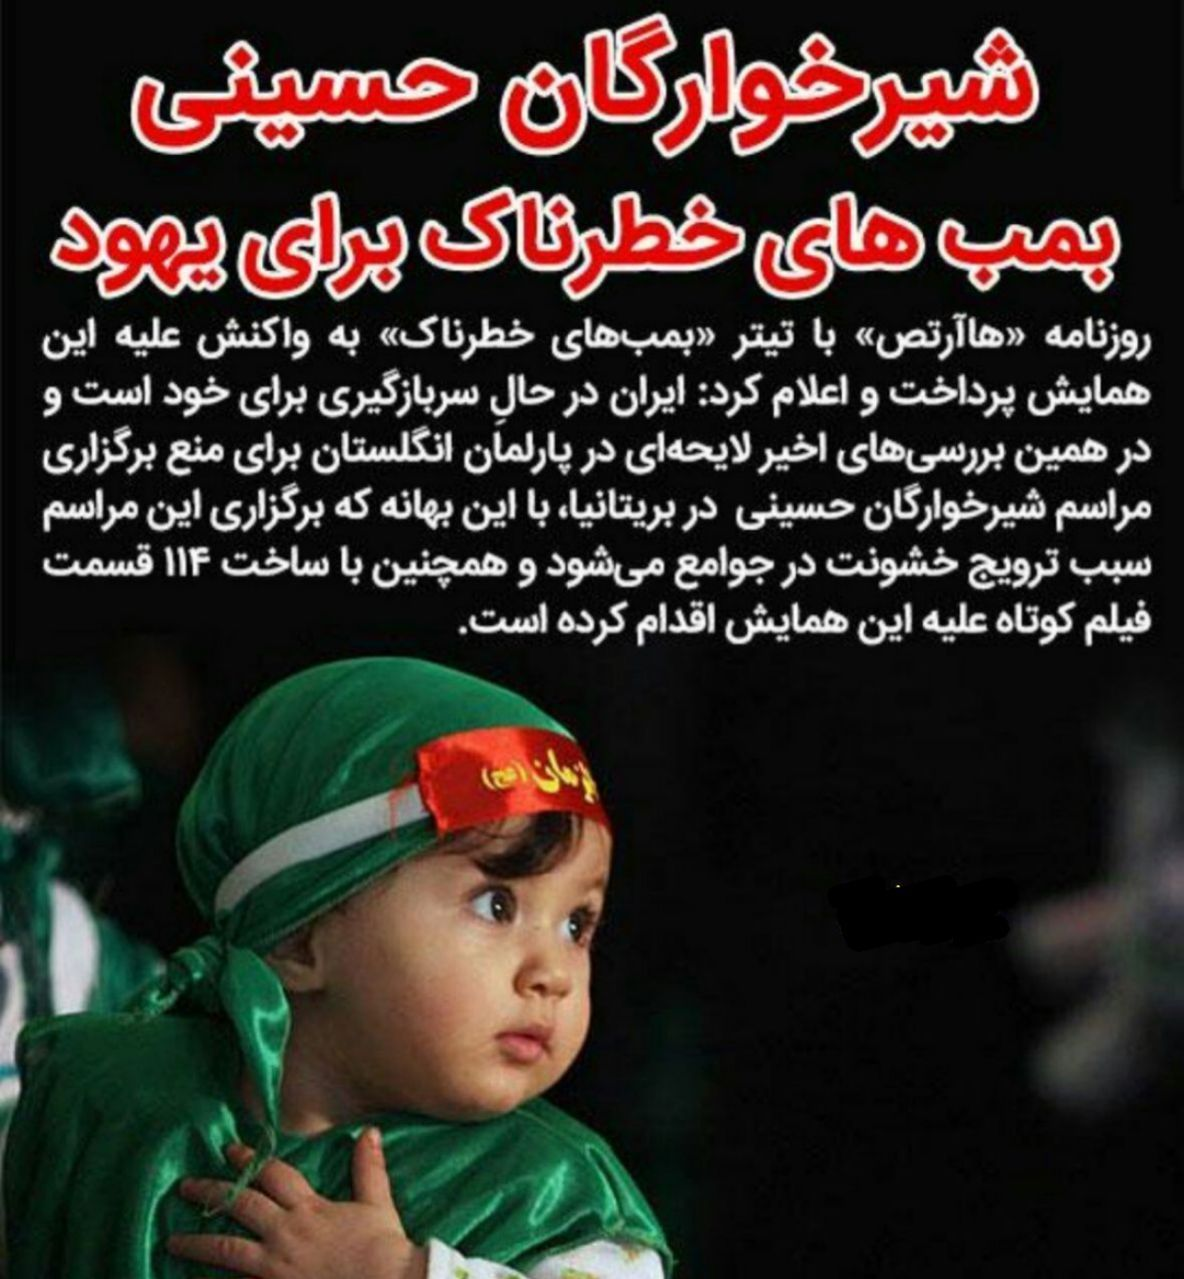 وجود و شهادت حضرت علی اصغر به تواتر یقینی است